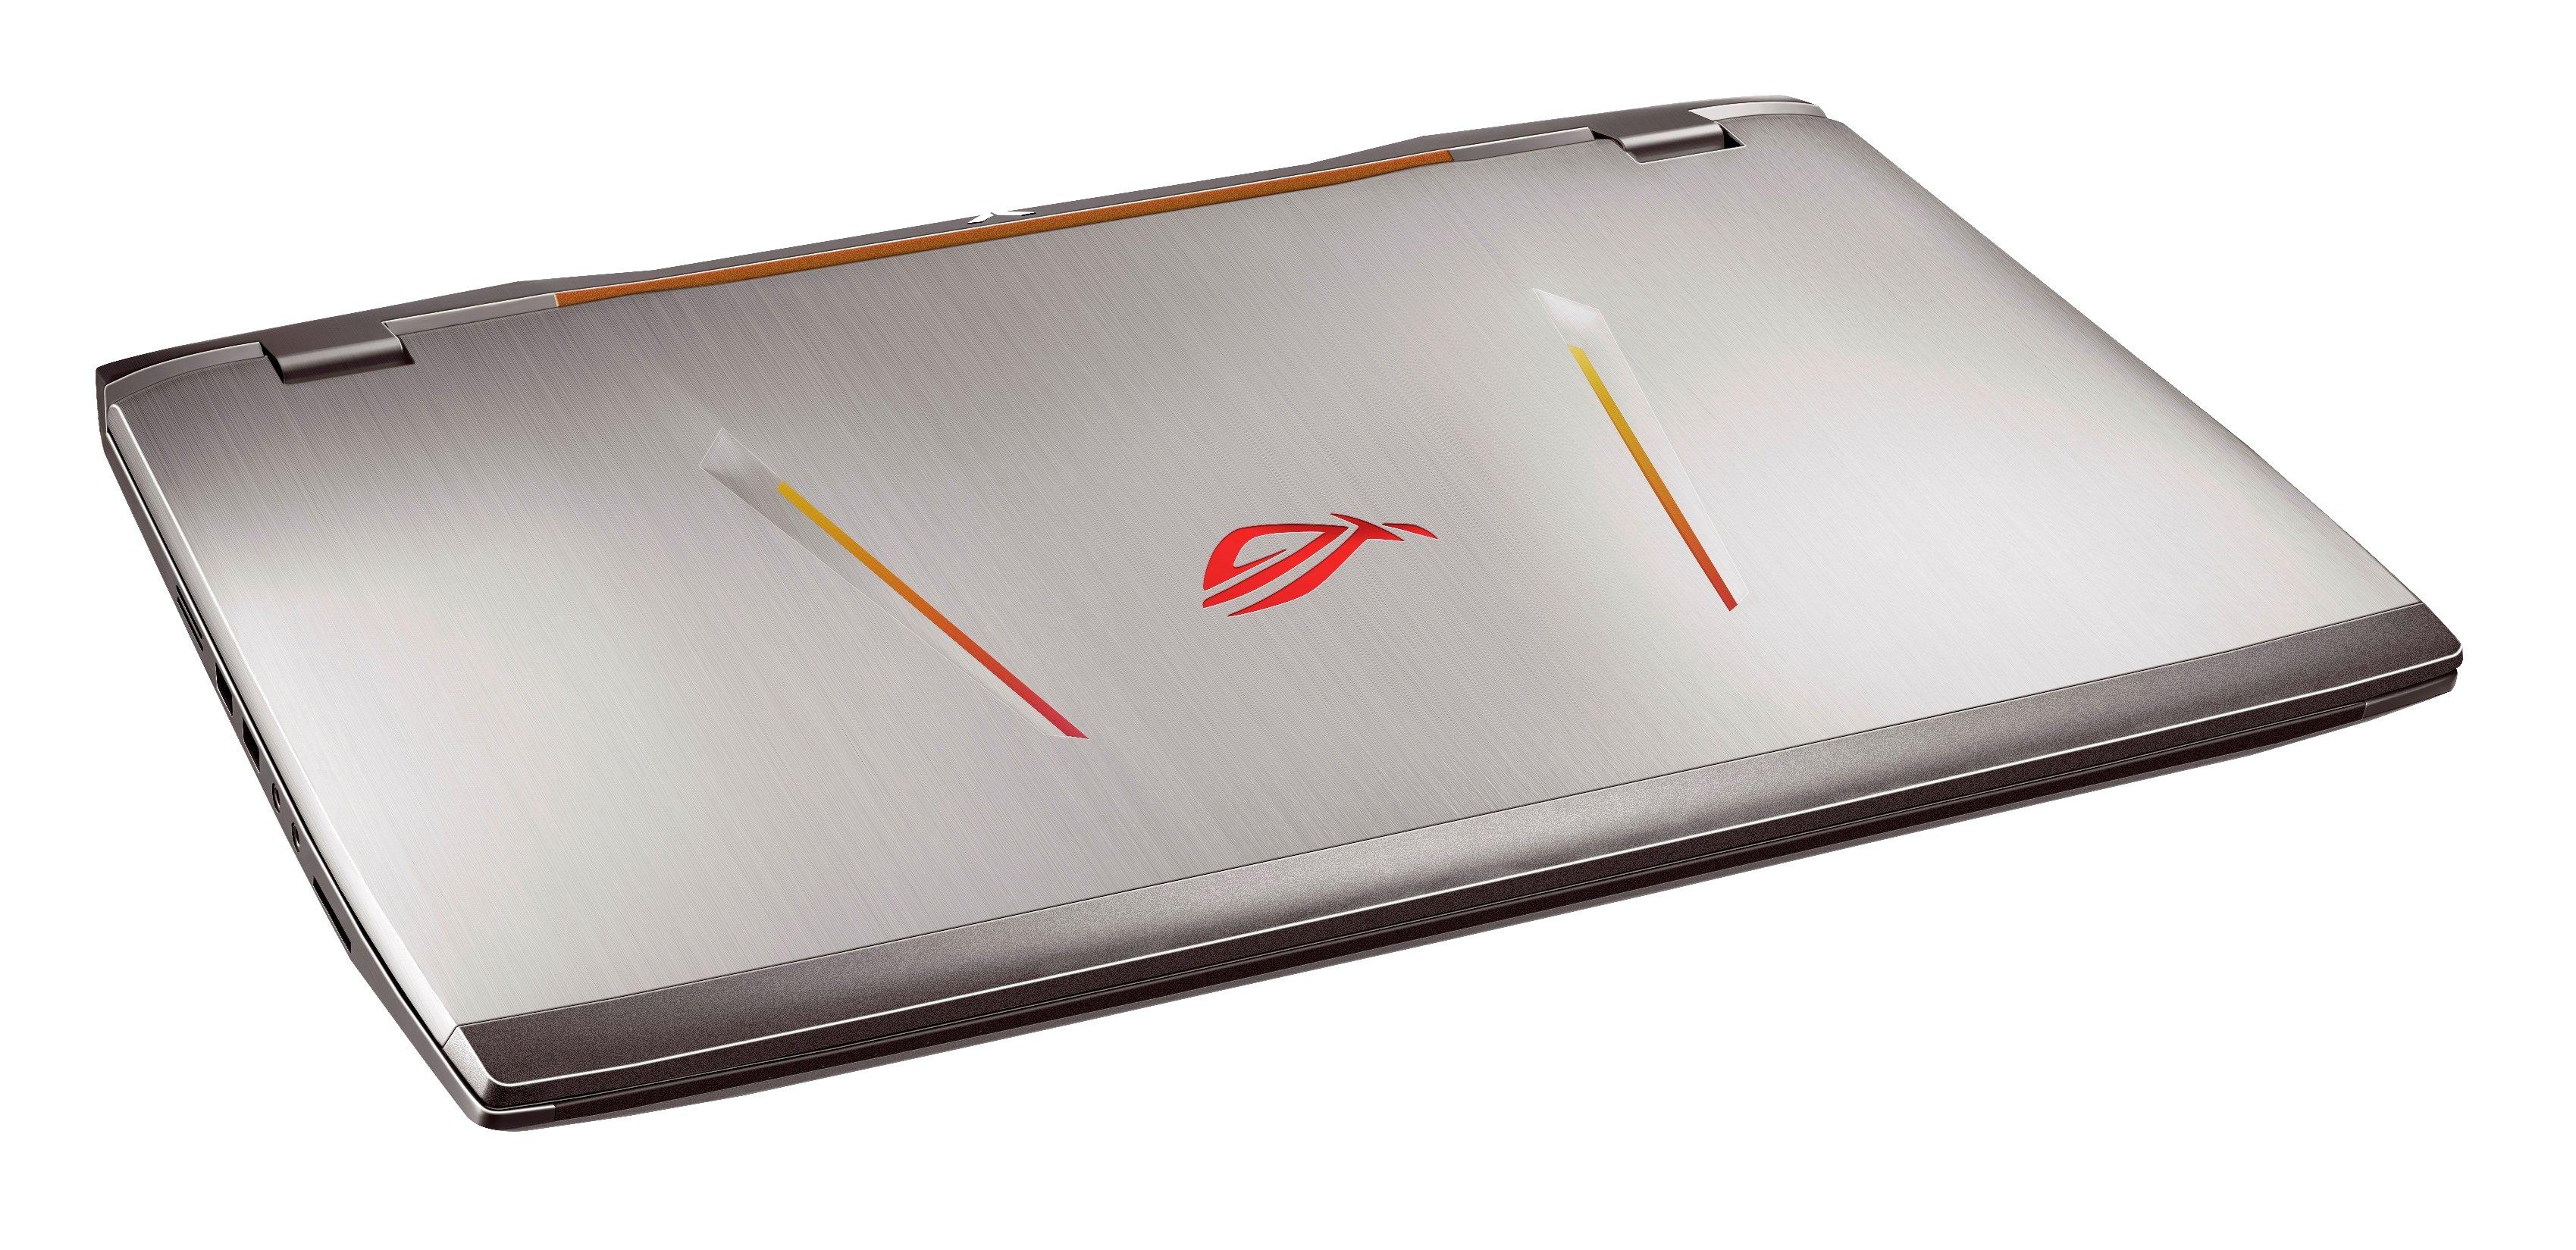 Asus ROG GX700 3